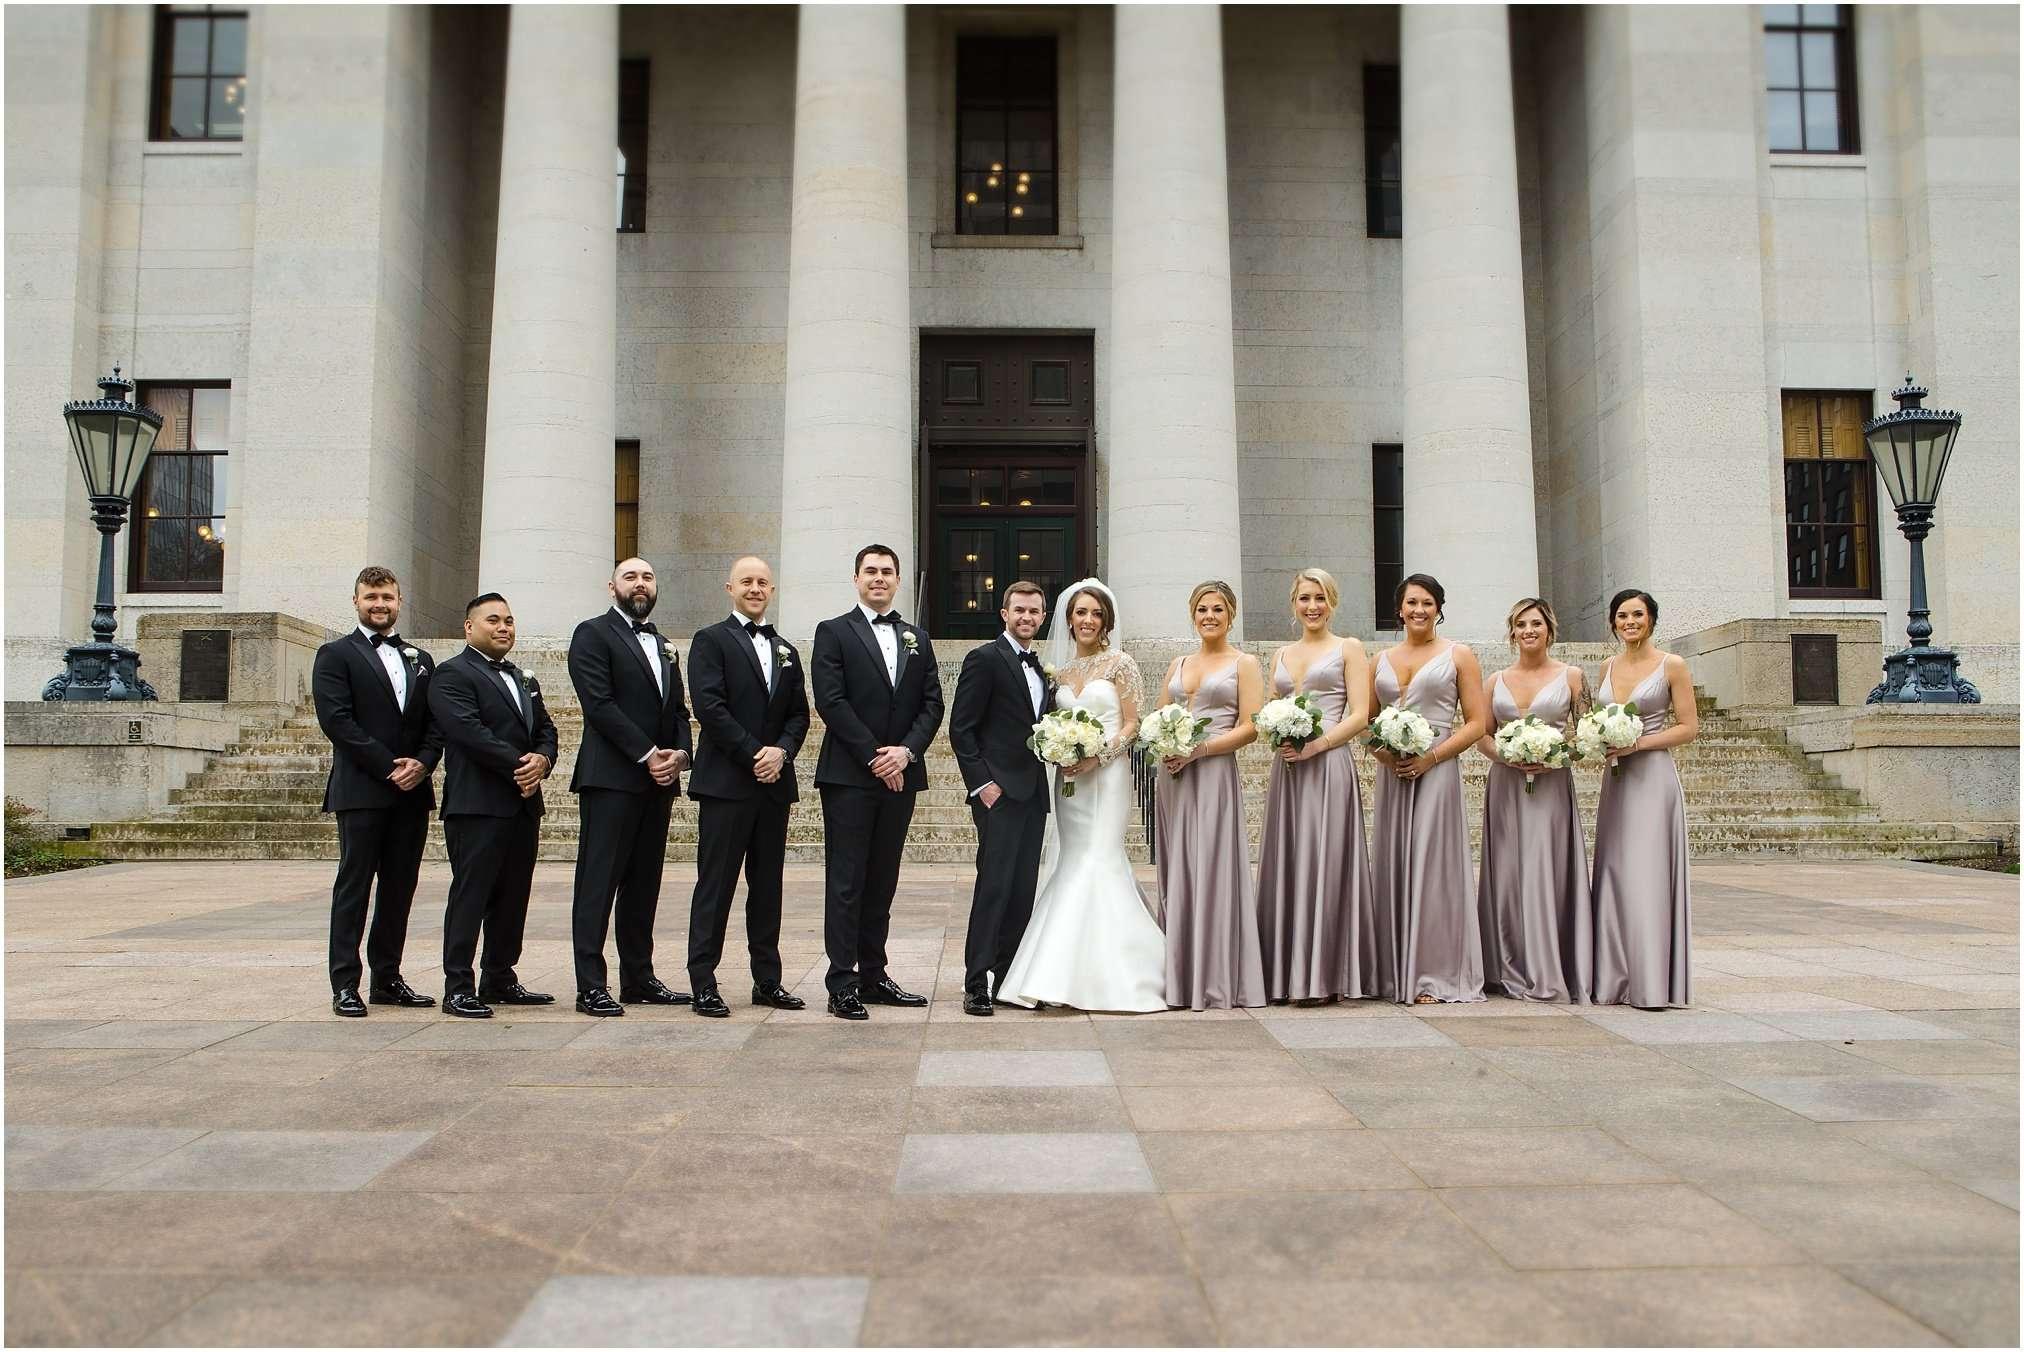 Spring Wedding at the Ohio Statehouse | Columbus Ohio Photography 90